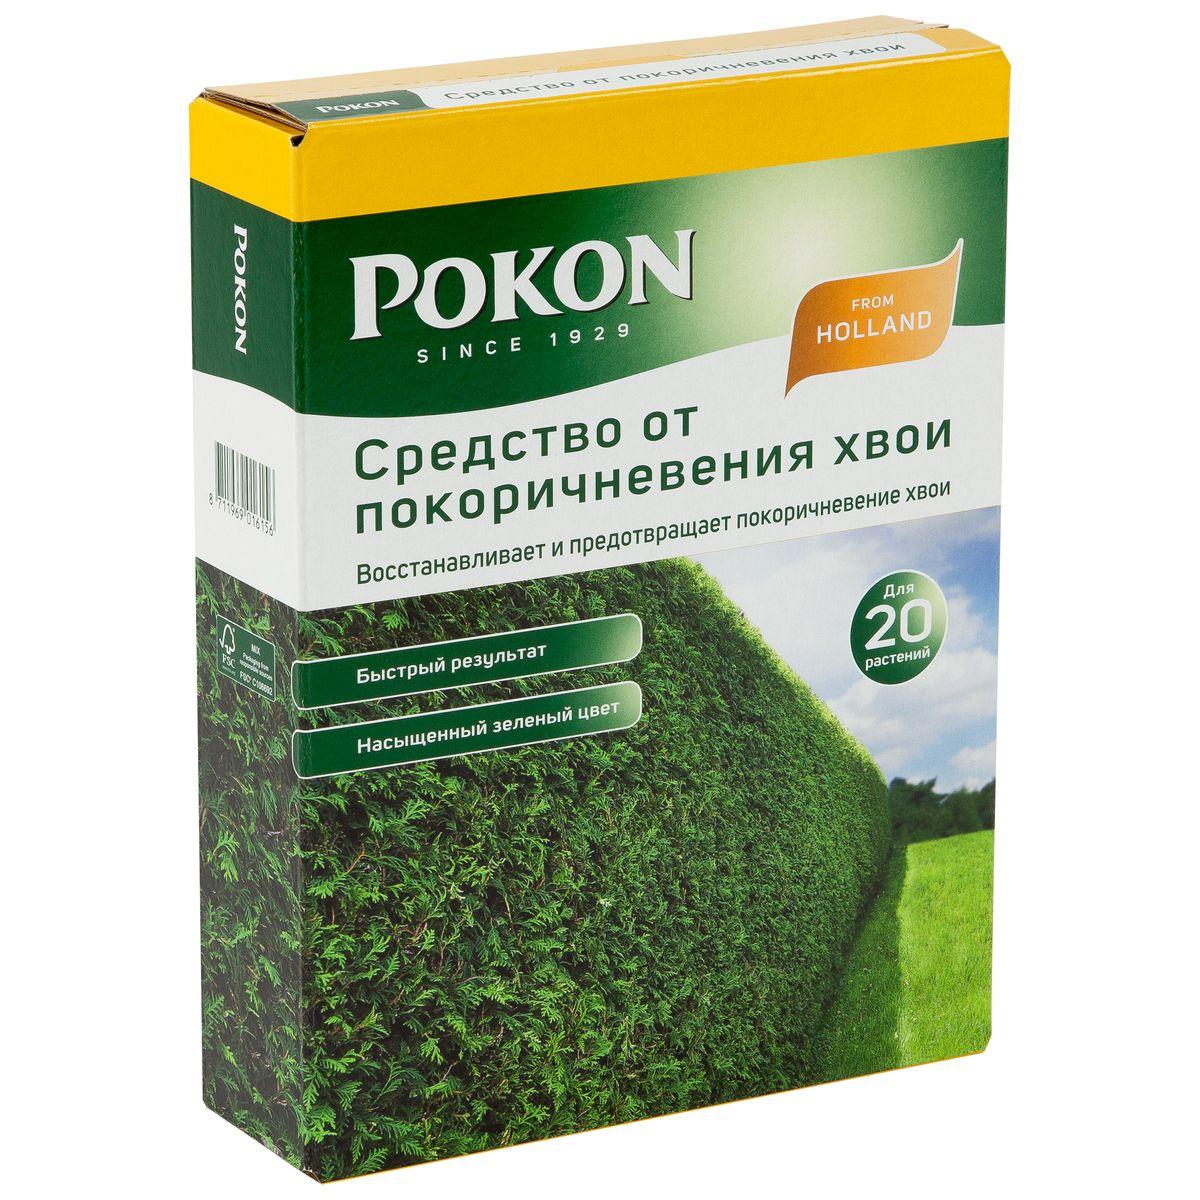 Удобрение Pokon для хвойных растений от покоричневения, 1 кг